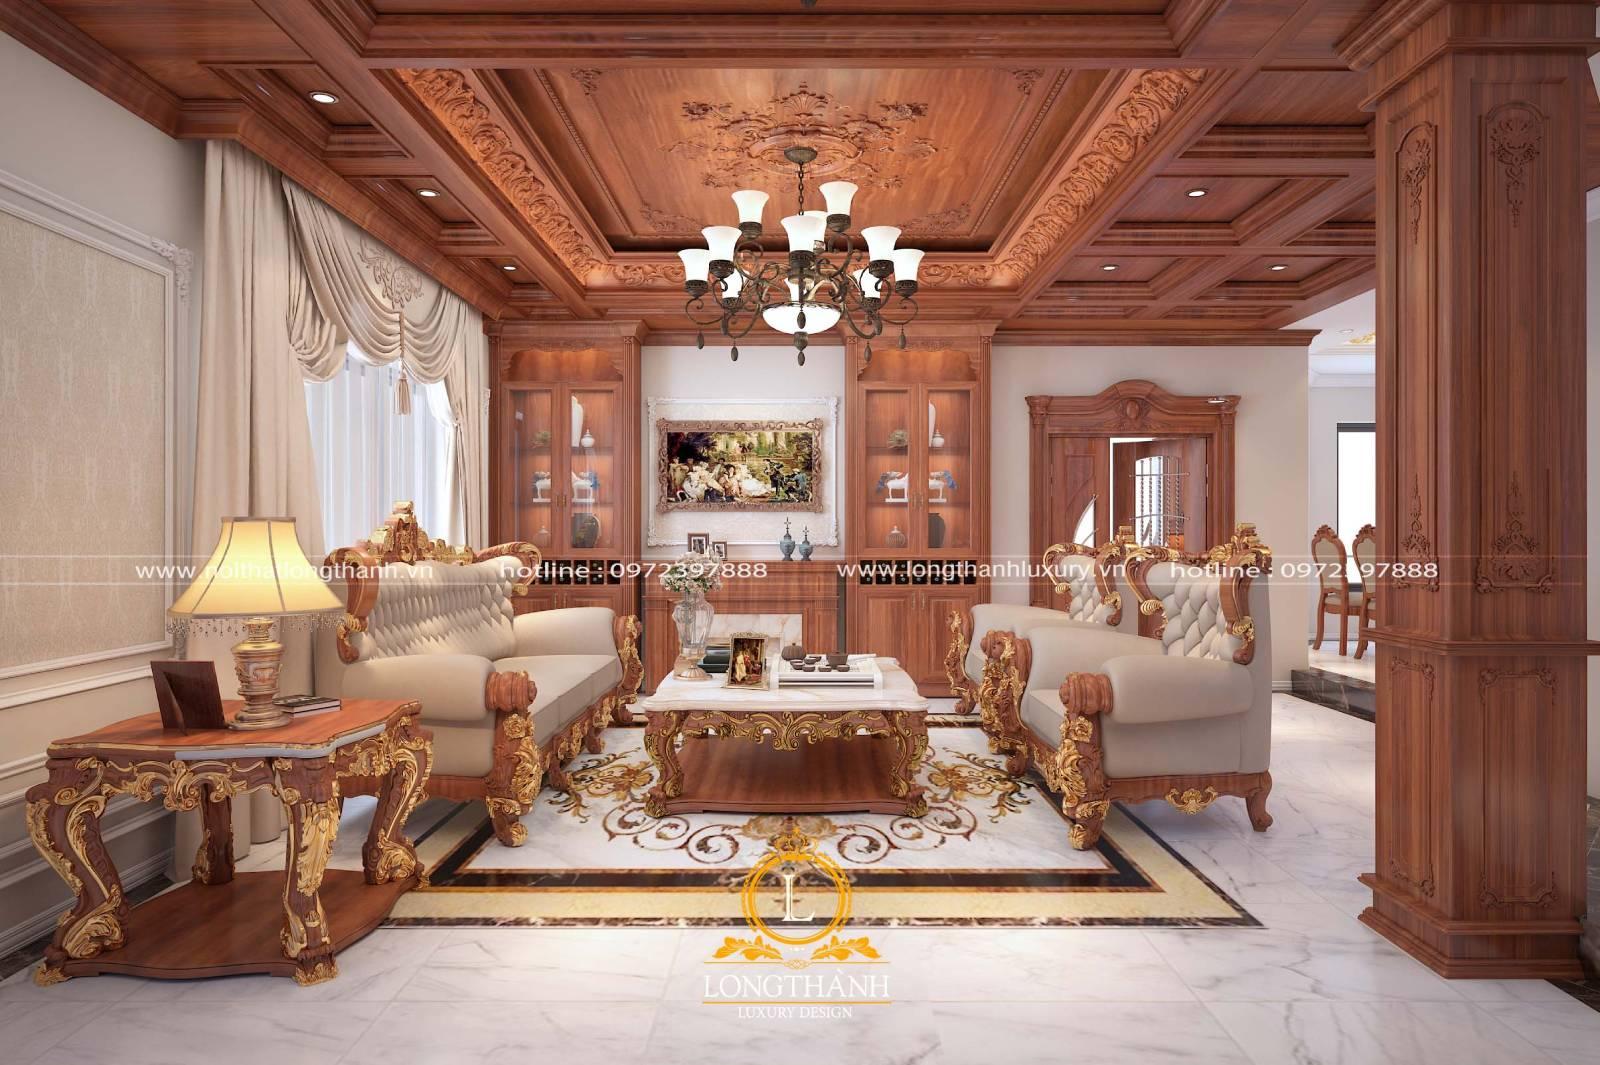 Mẫu sofa gỗ bọc da bên ngoài dành cho phòng khách rộng